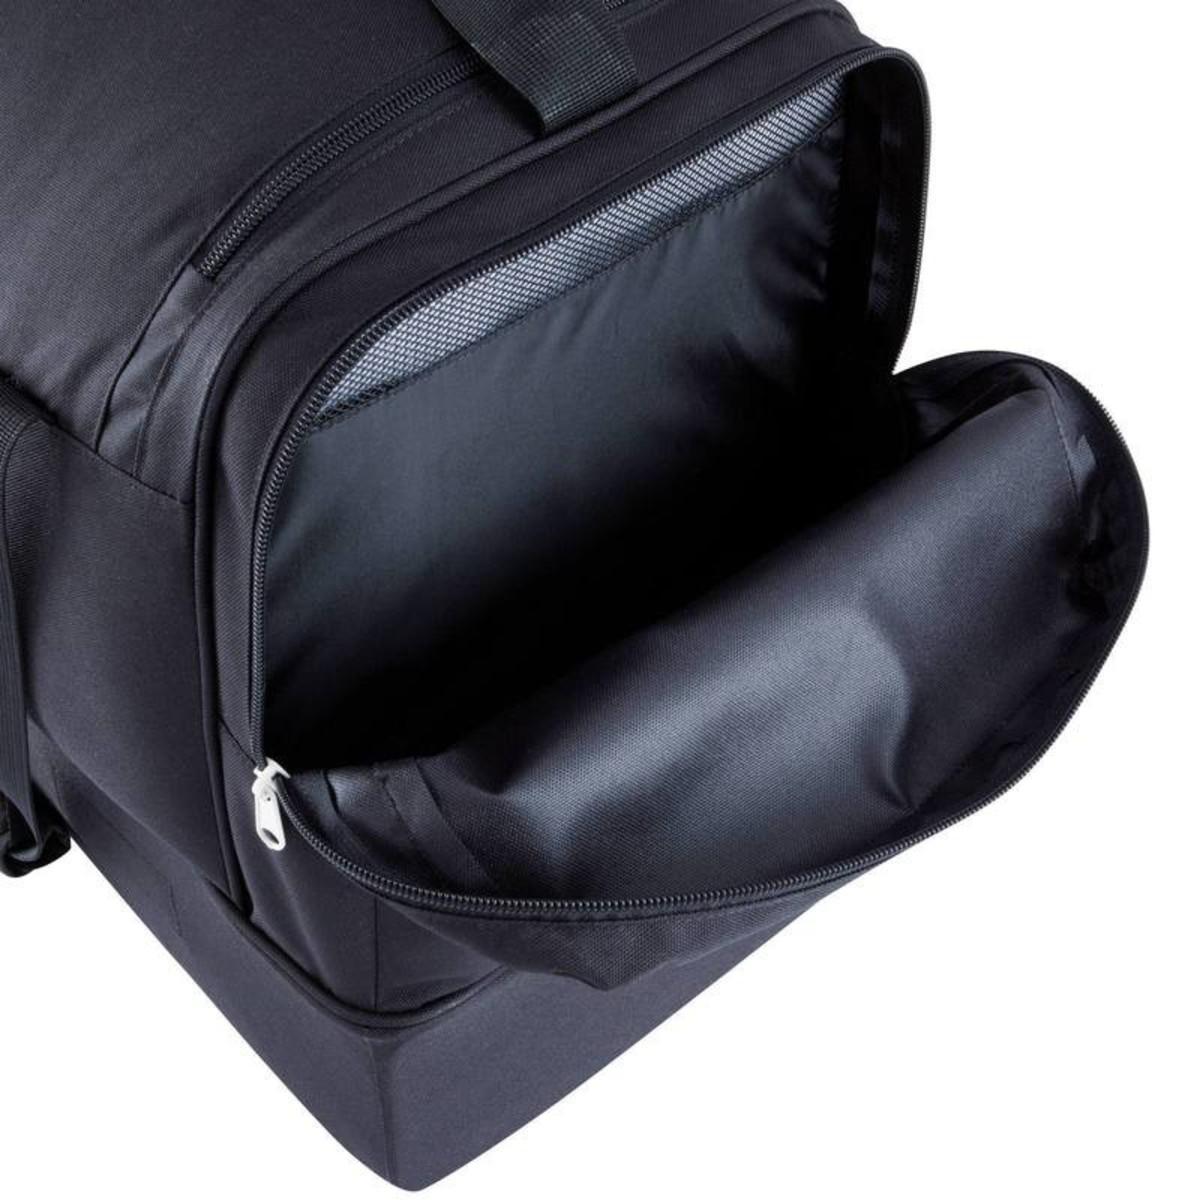 Bild 2 von KIPSTA Sporttasche Hardcase 60 Liter schwarz, Größe: Einheitsgröße